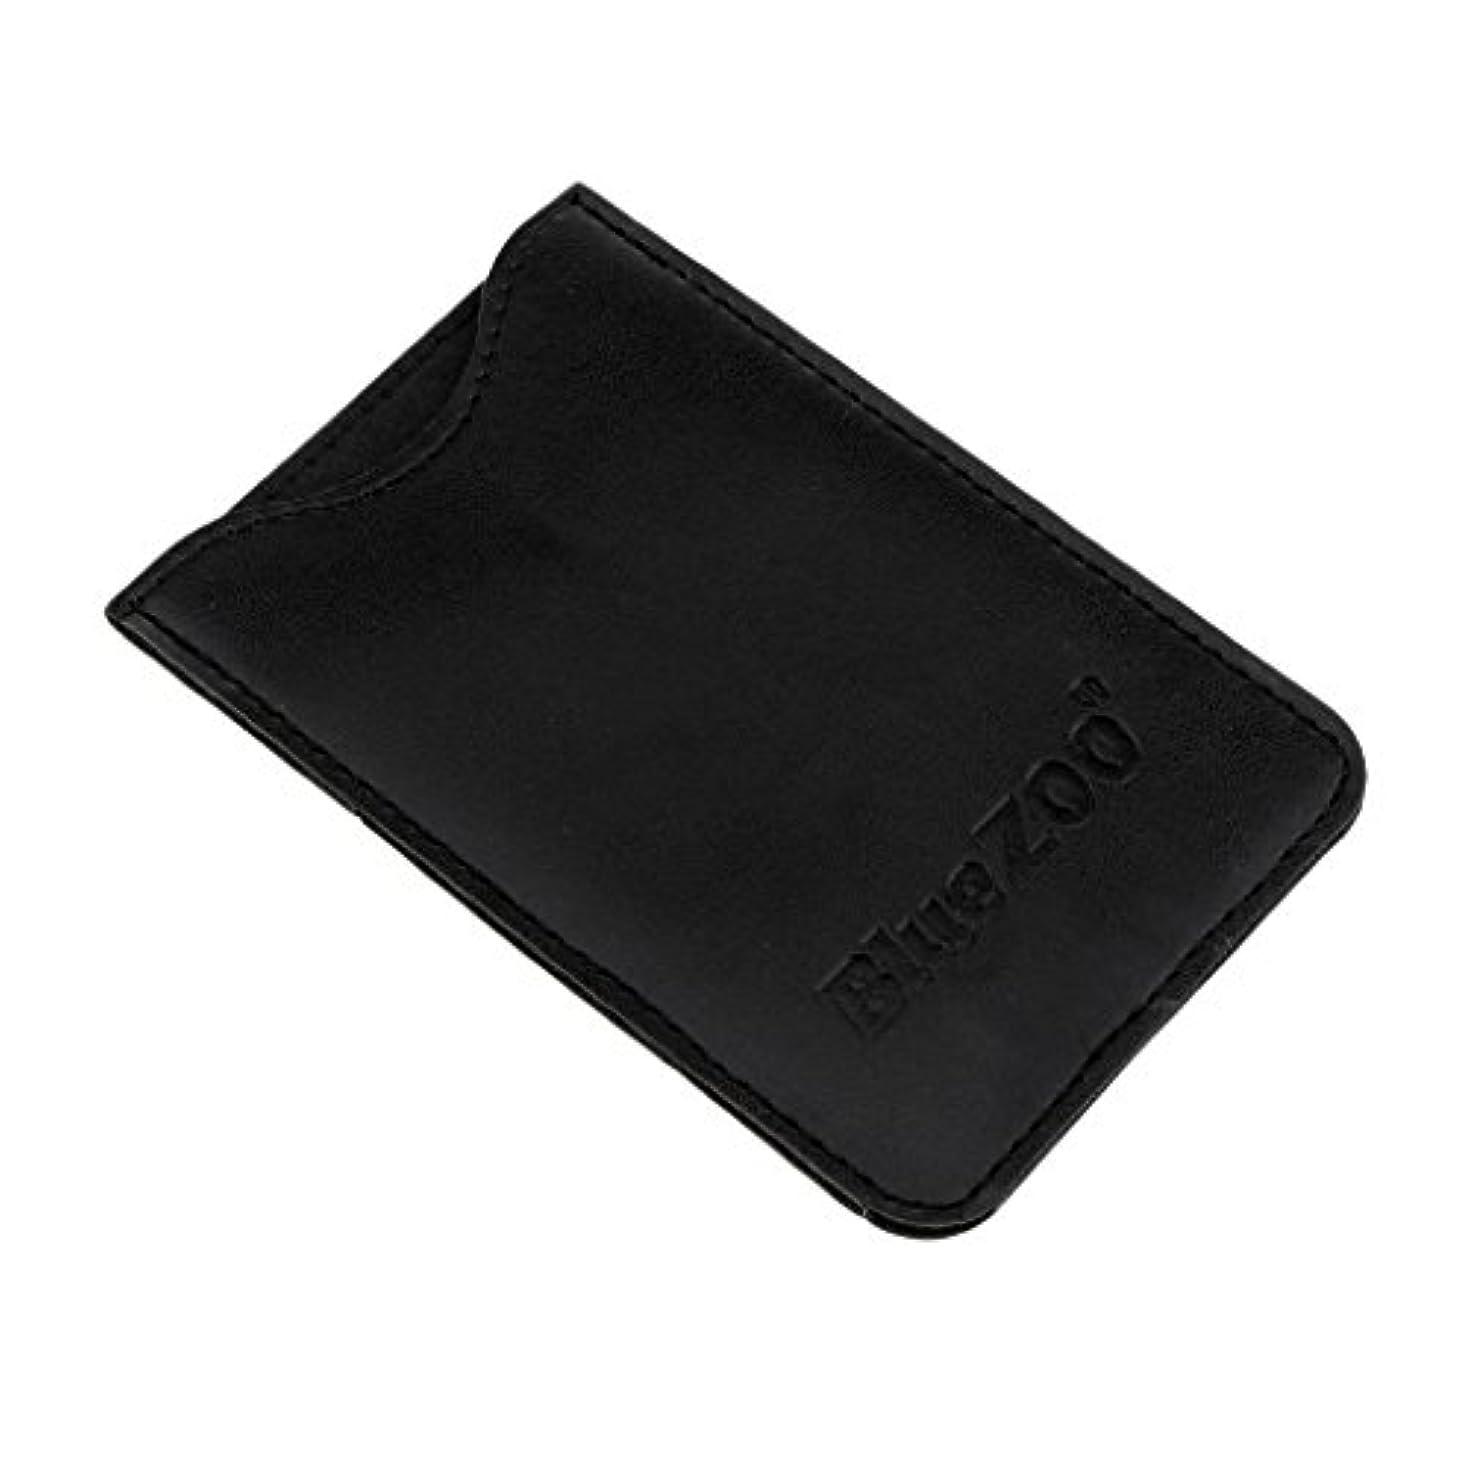 ナイロンあえぎ真鍮Perfk PUレザー バッグ 収納ケース 保護カバー 櫛/名刺/IDカード/銀行カード 収納パック 便利 全2色  - ブラック